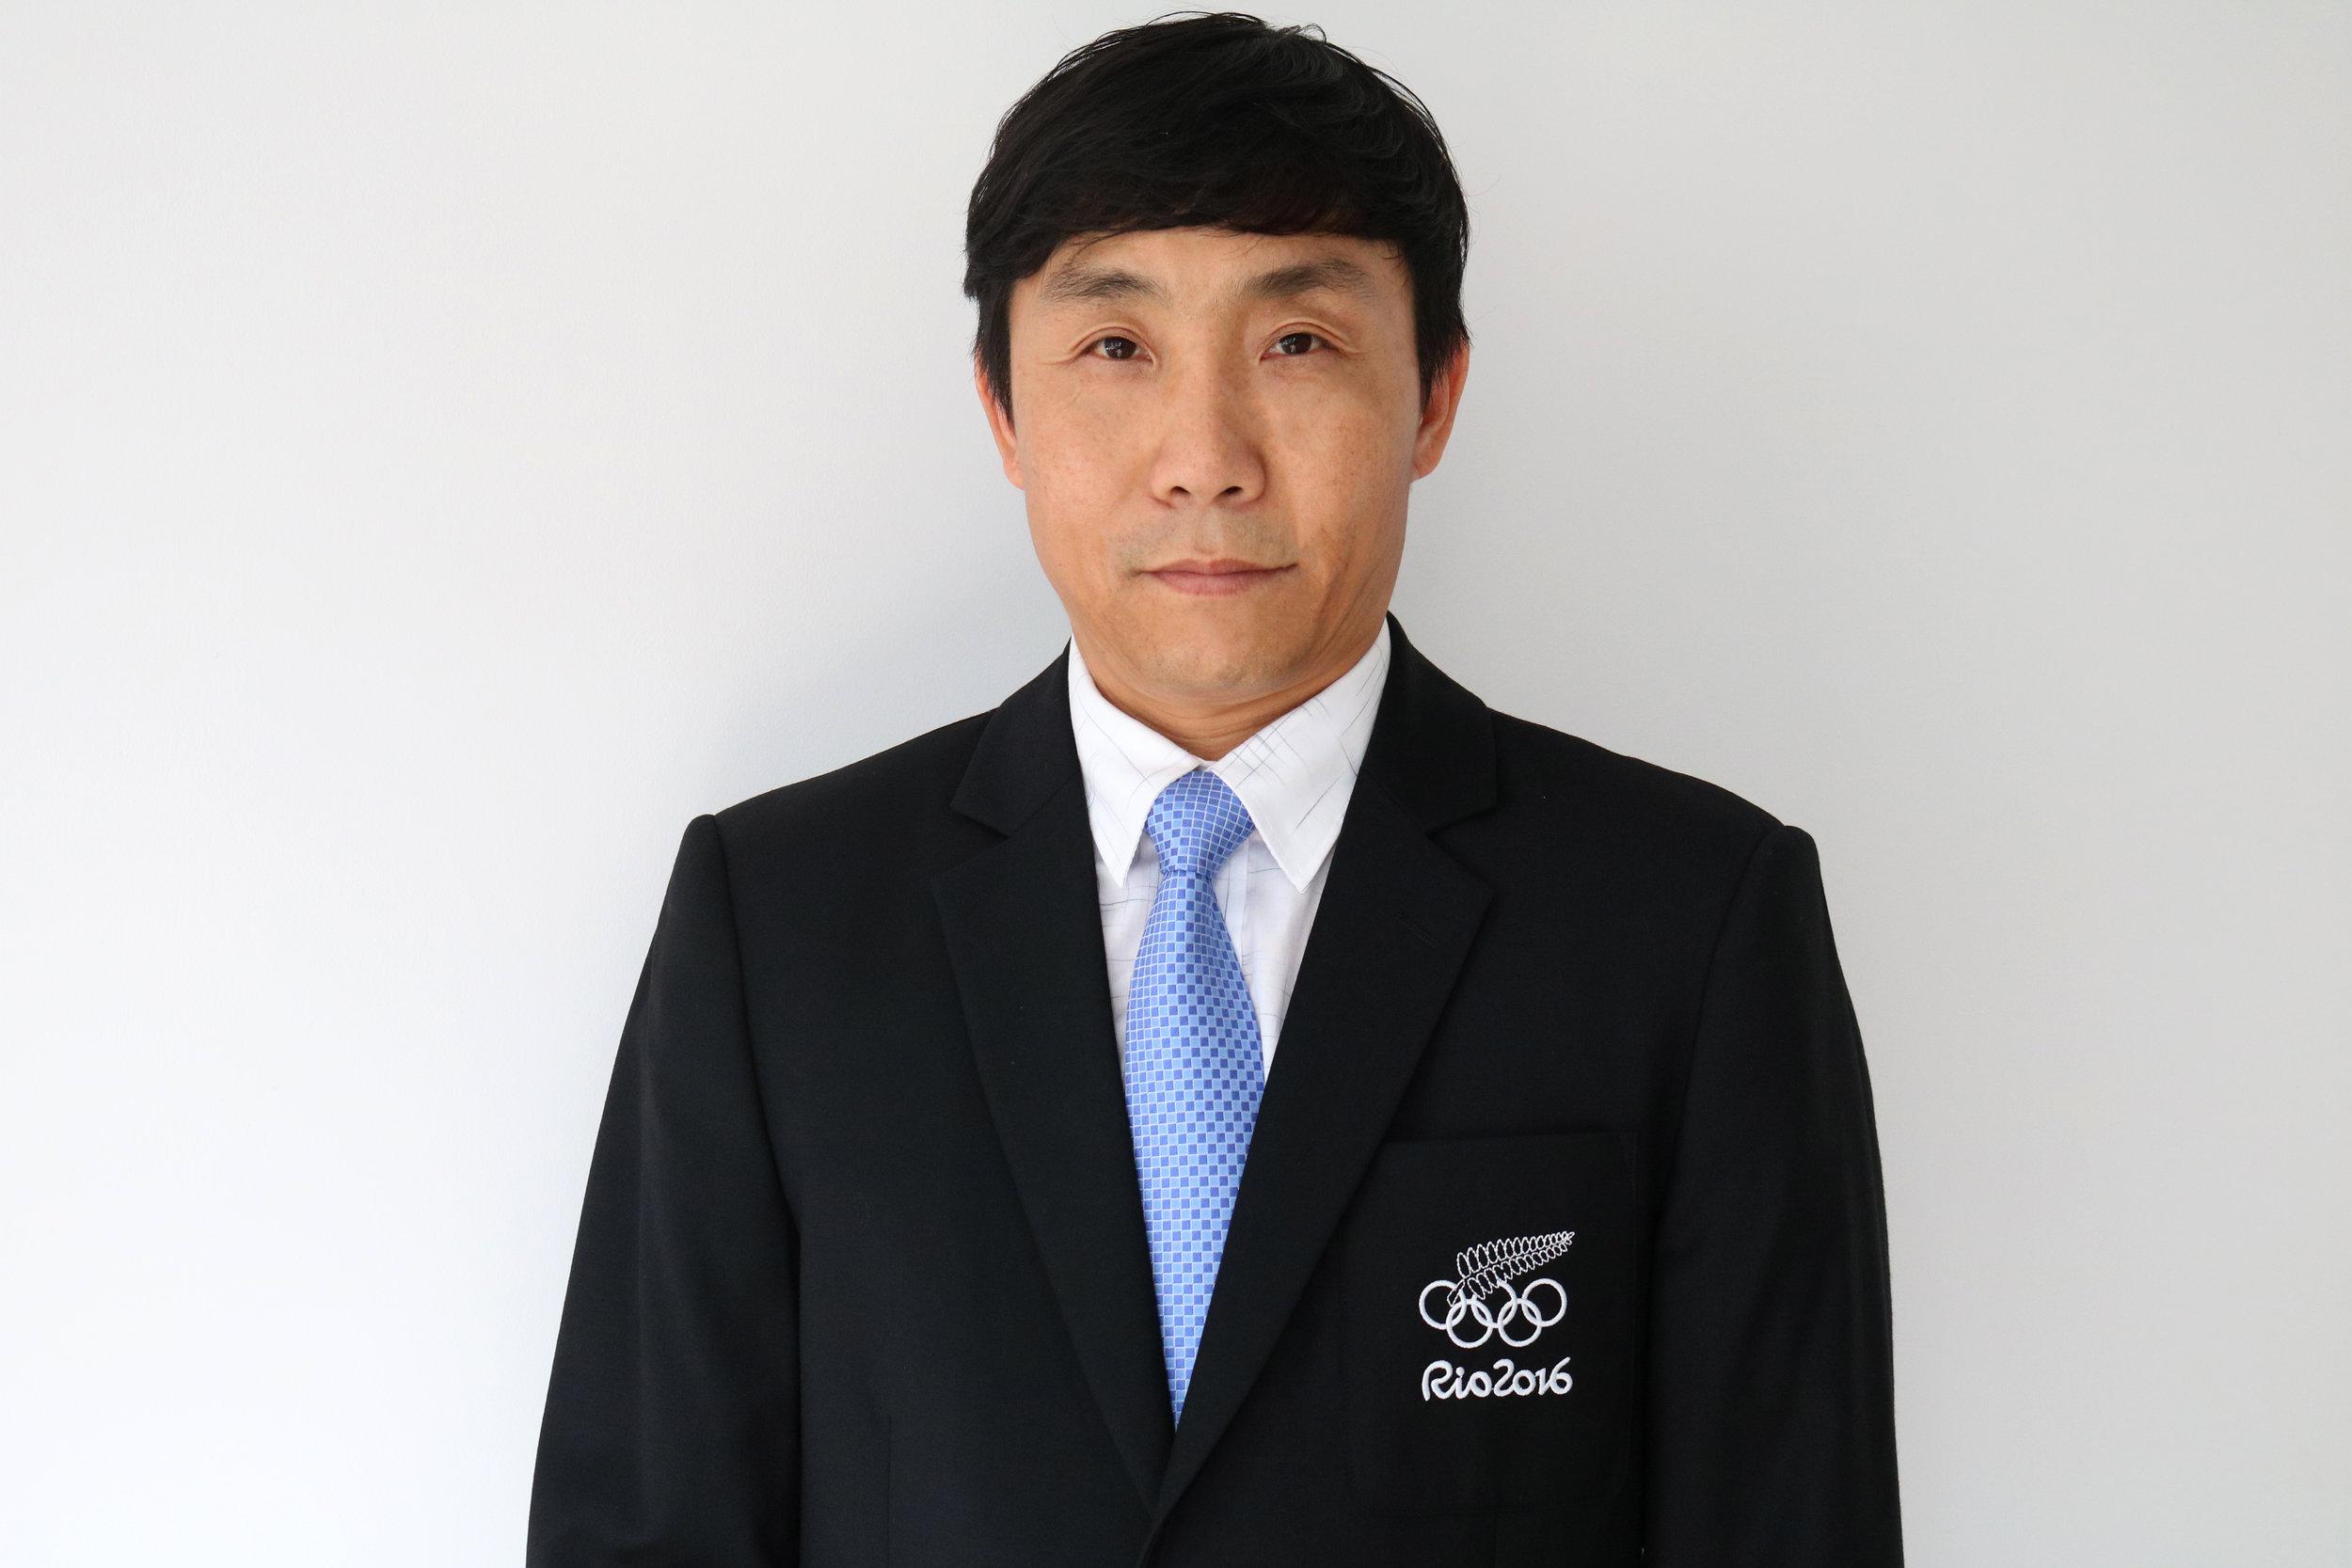 JIN KEUN OH